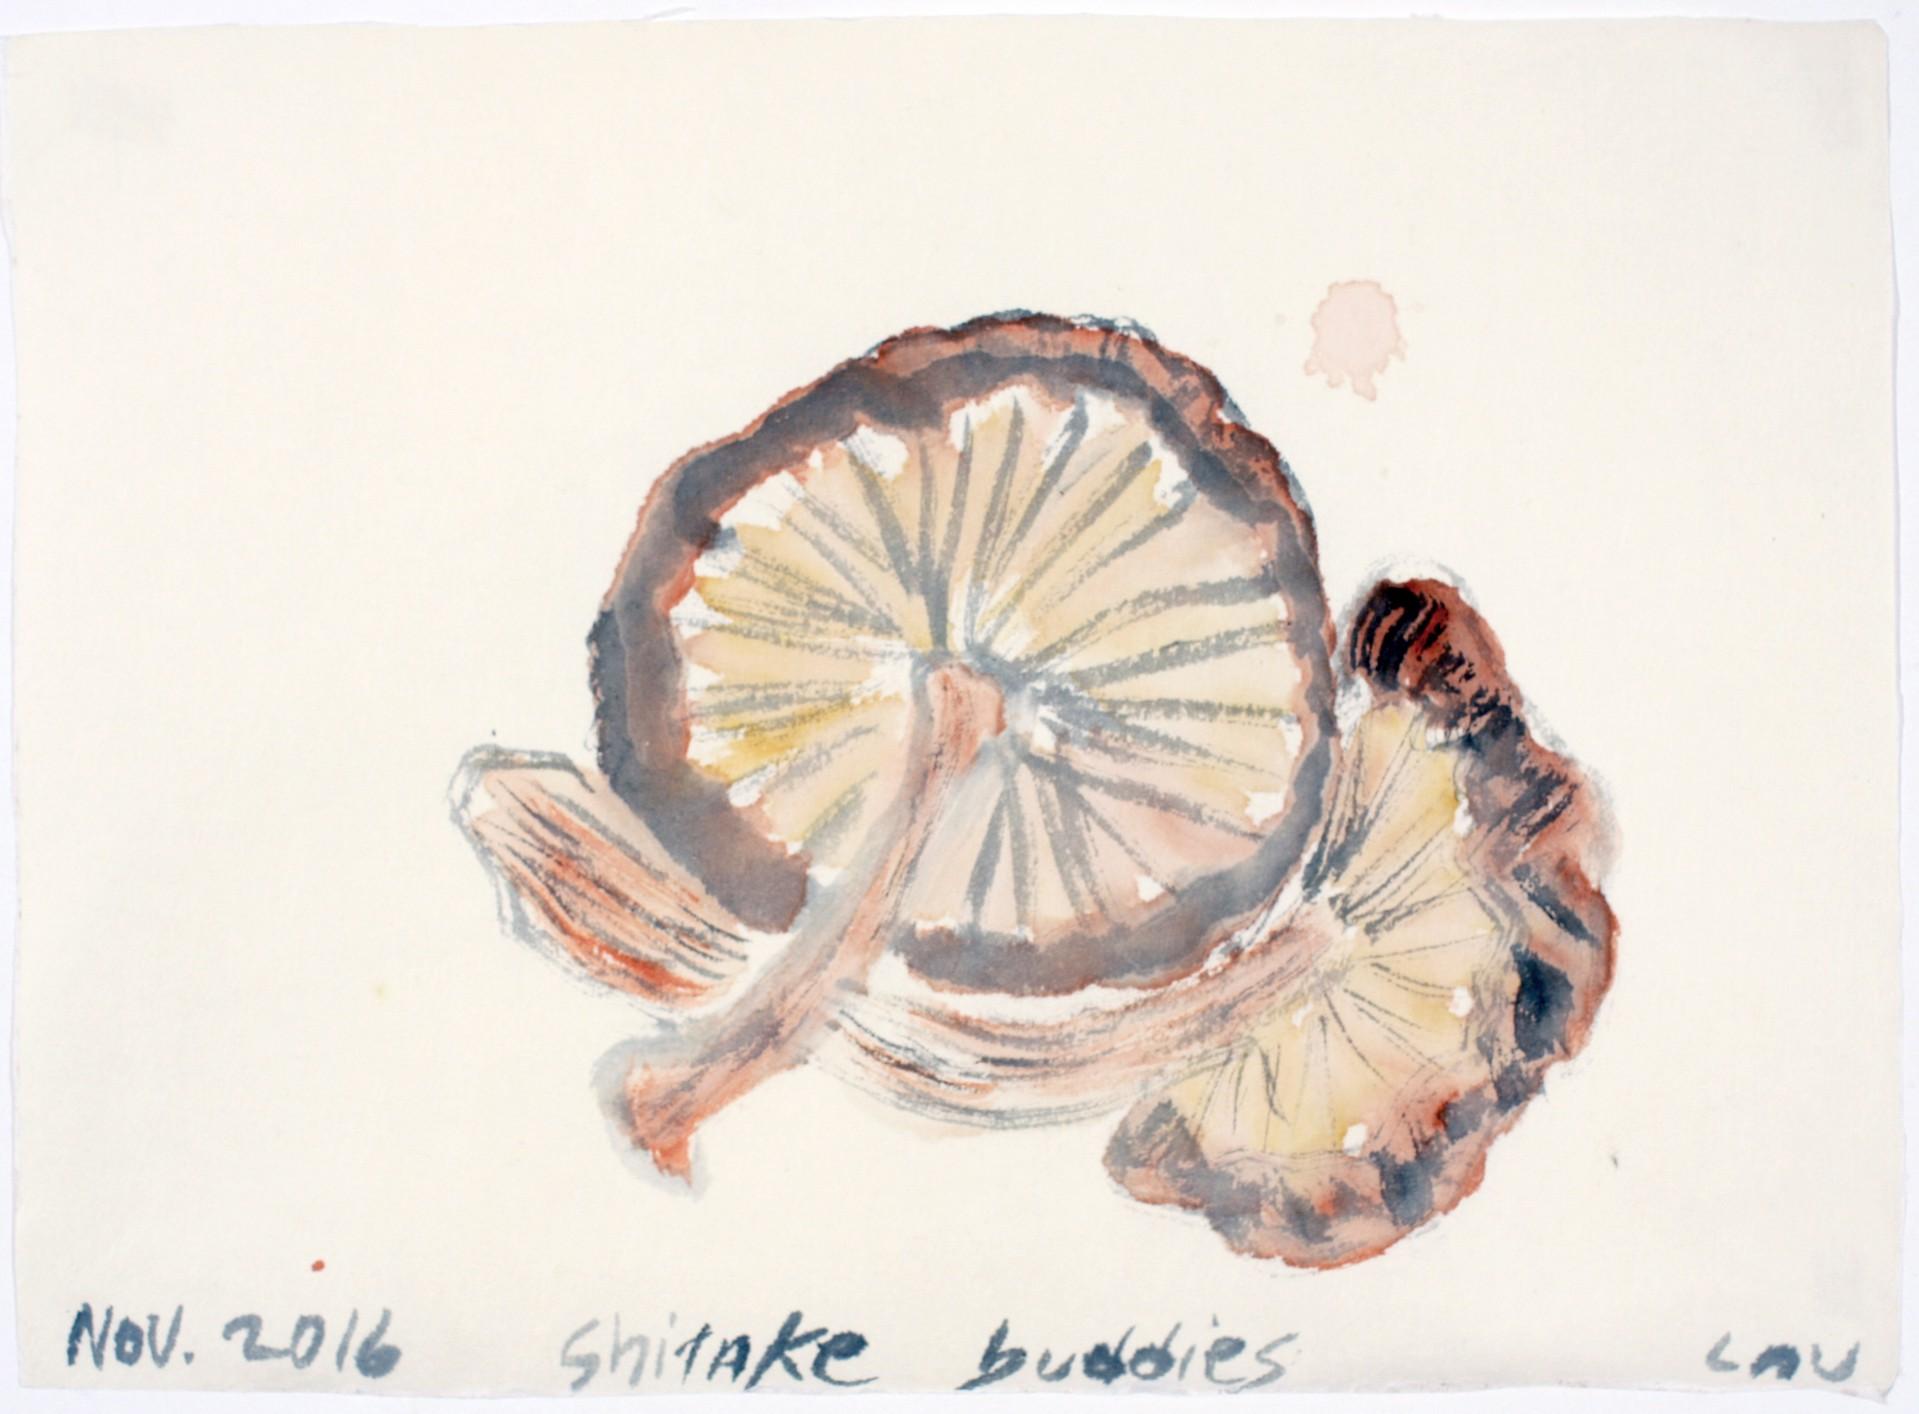 shiitake buddies by Alan Lau